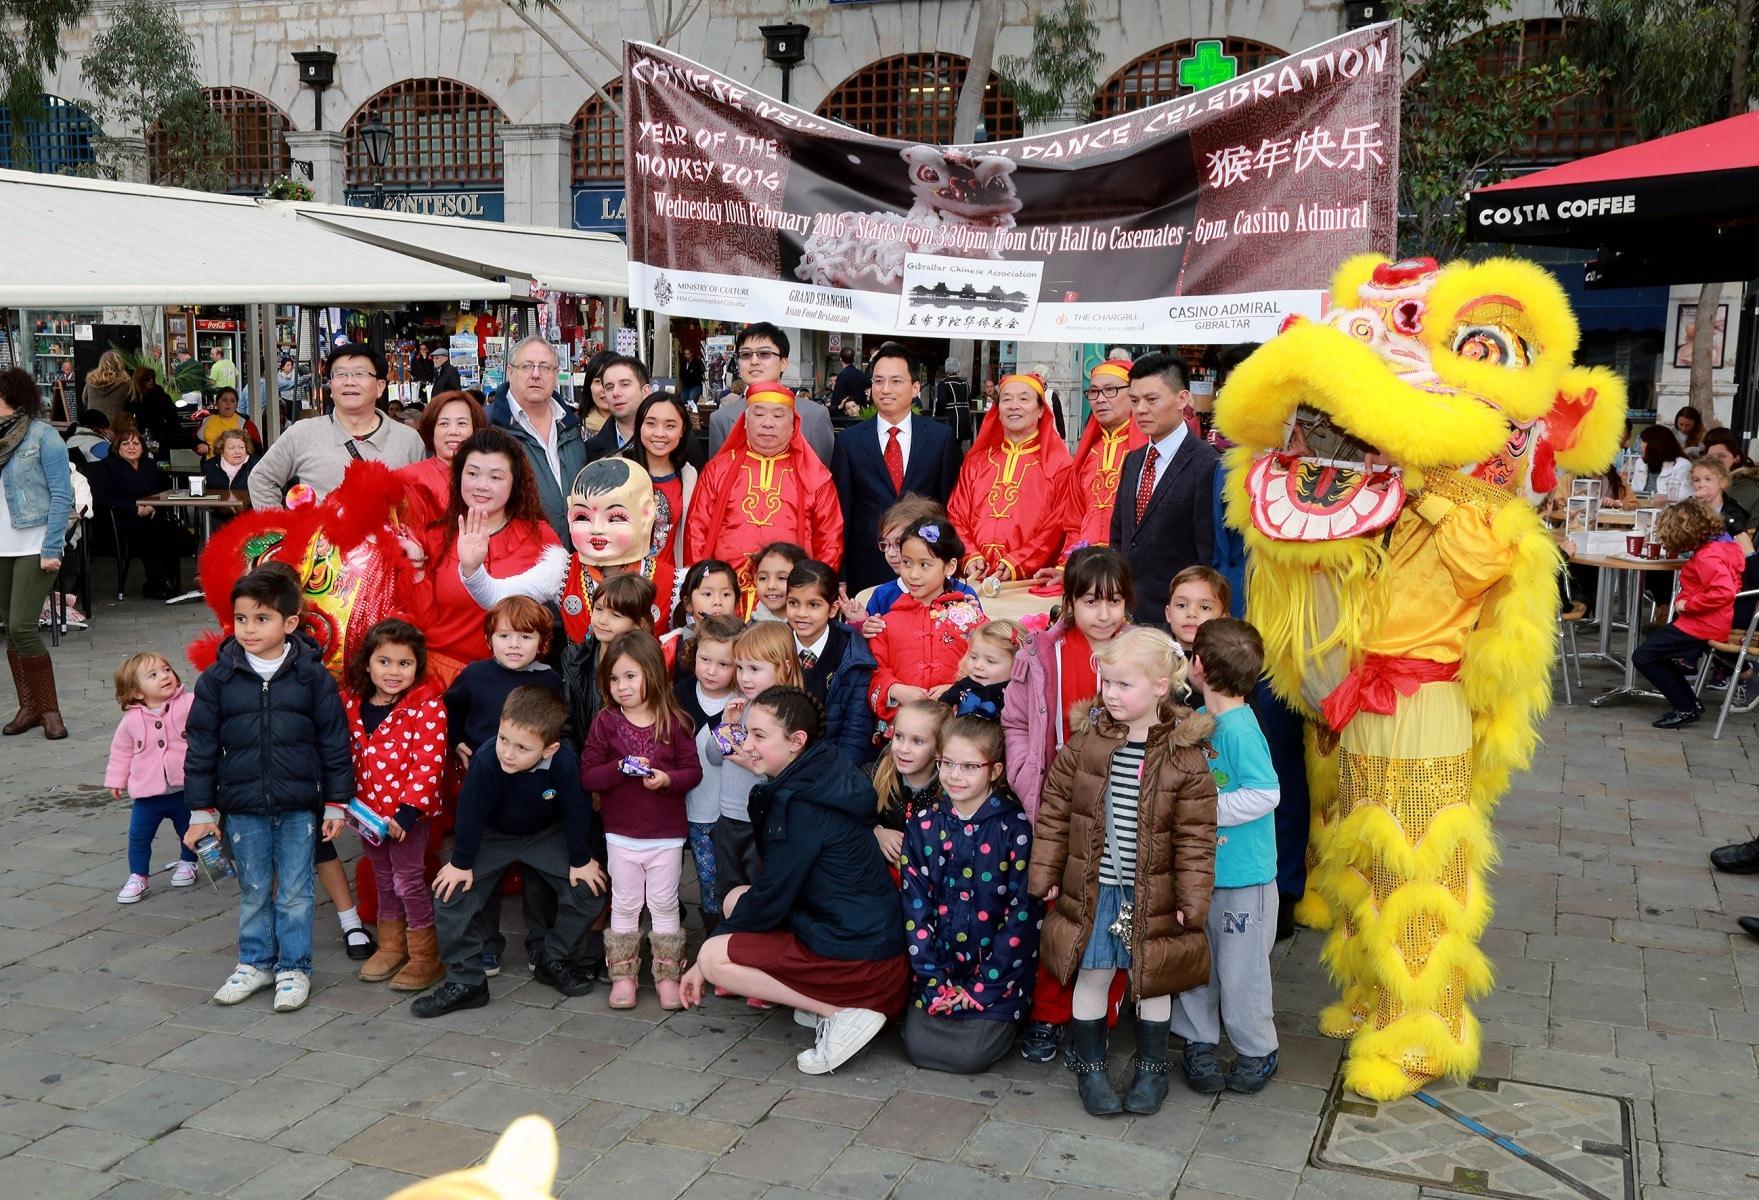 10-feb-2016-celebracin-en-gibraltar-del-ao-nuevo-chino-24_24645628020_o